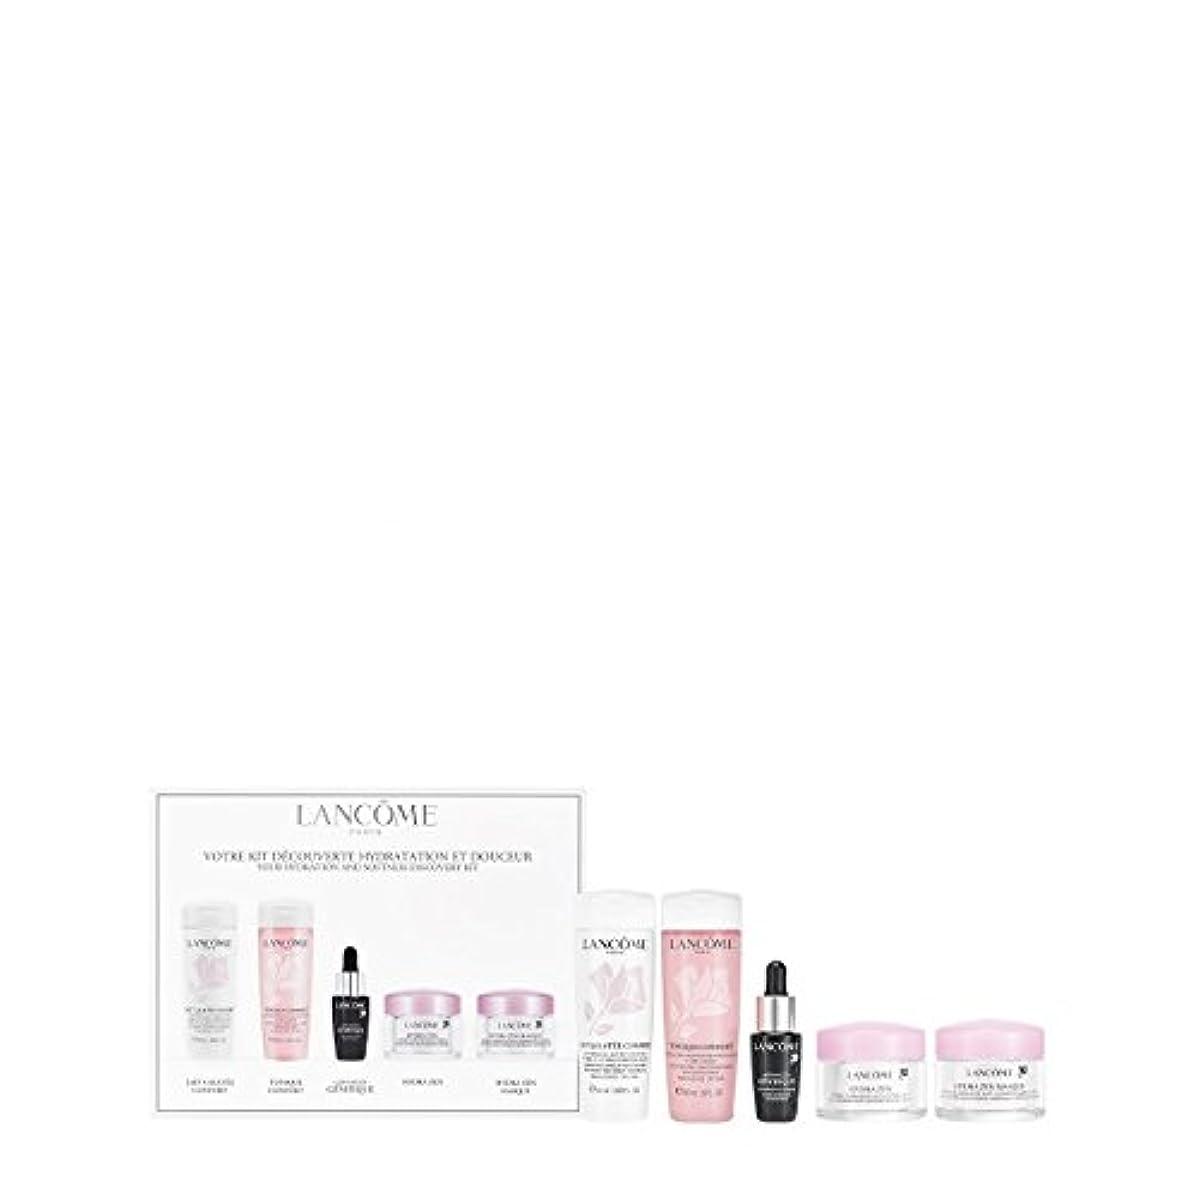 無視消毒する元気ランコム Your Hydration & Softness Discovery Kit: Confort Galatee+Confort Tonique+Genifique Concentrate+Hydra Zen...